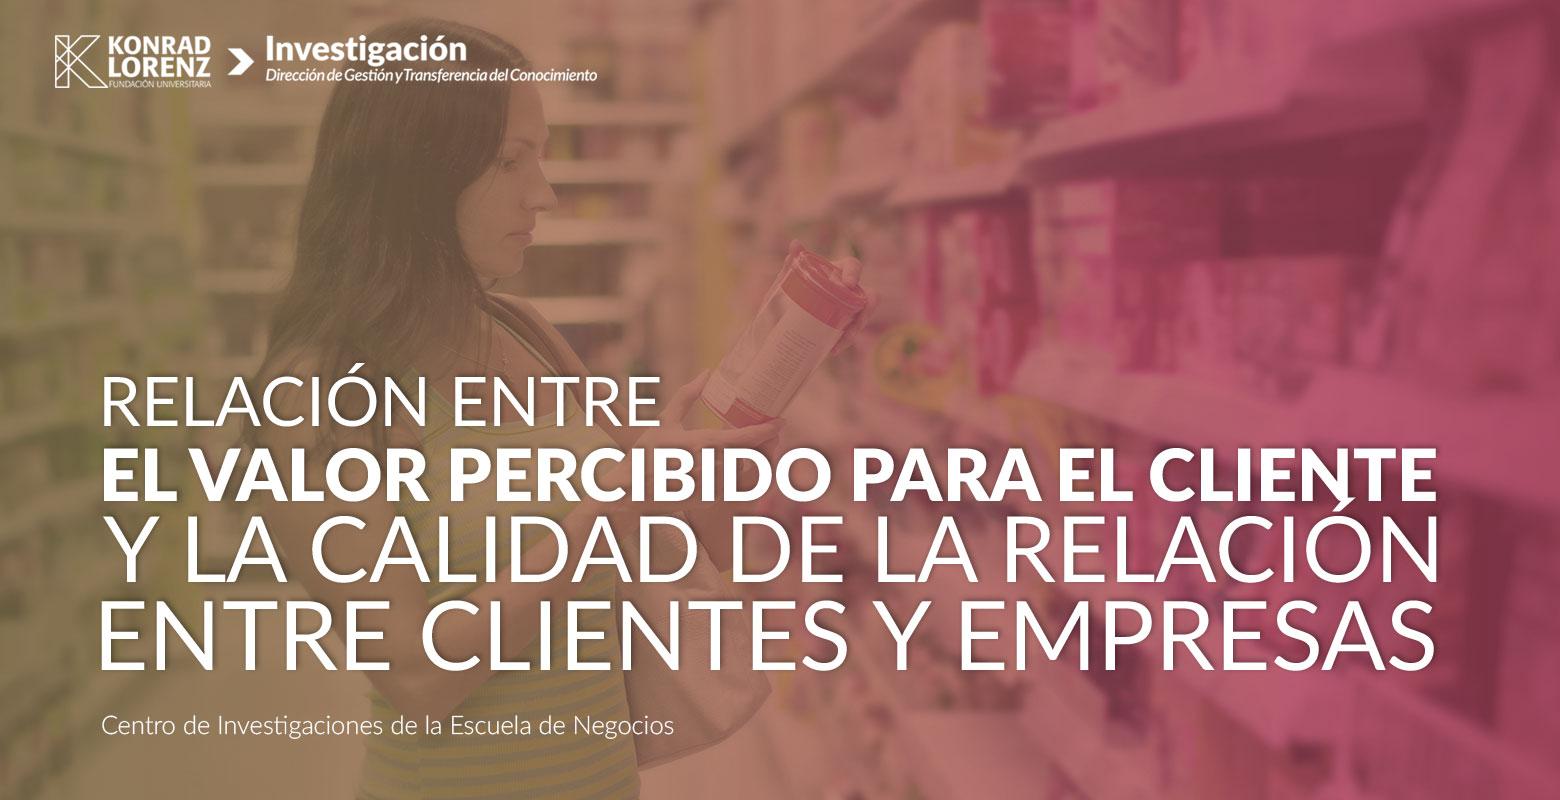 Relación entre el valor percibido para el cliente y la calidad de la relación entre clientes y empresas